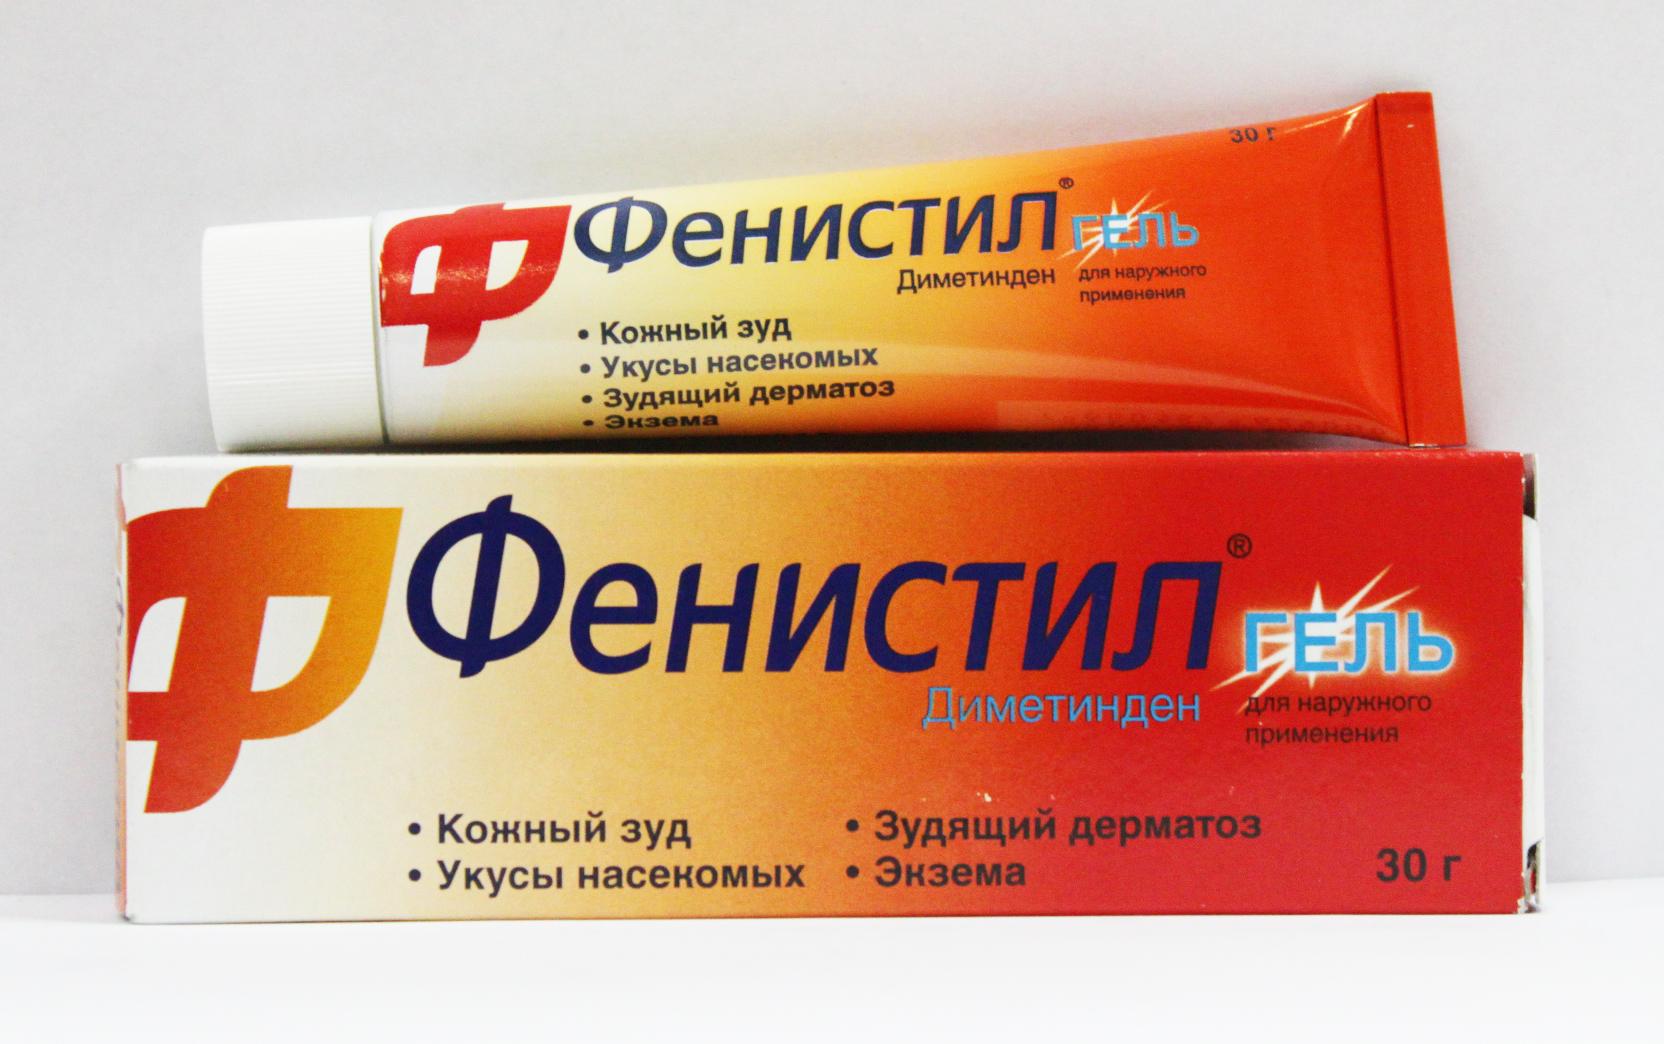 Препарат от аллергии для детей Фенистил